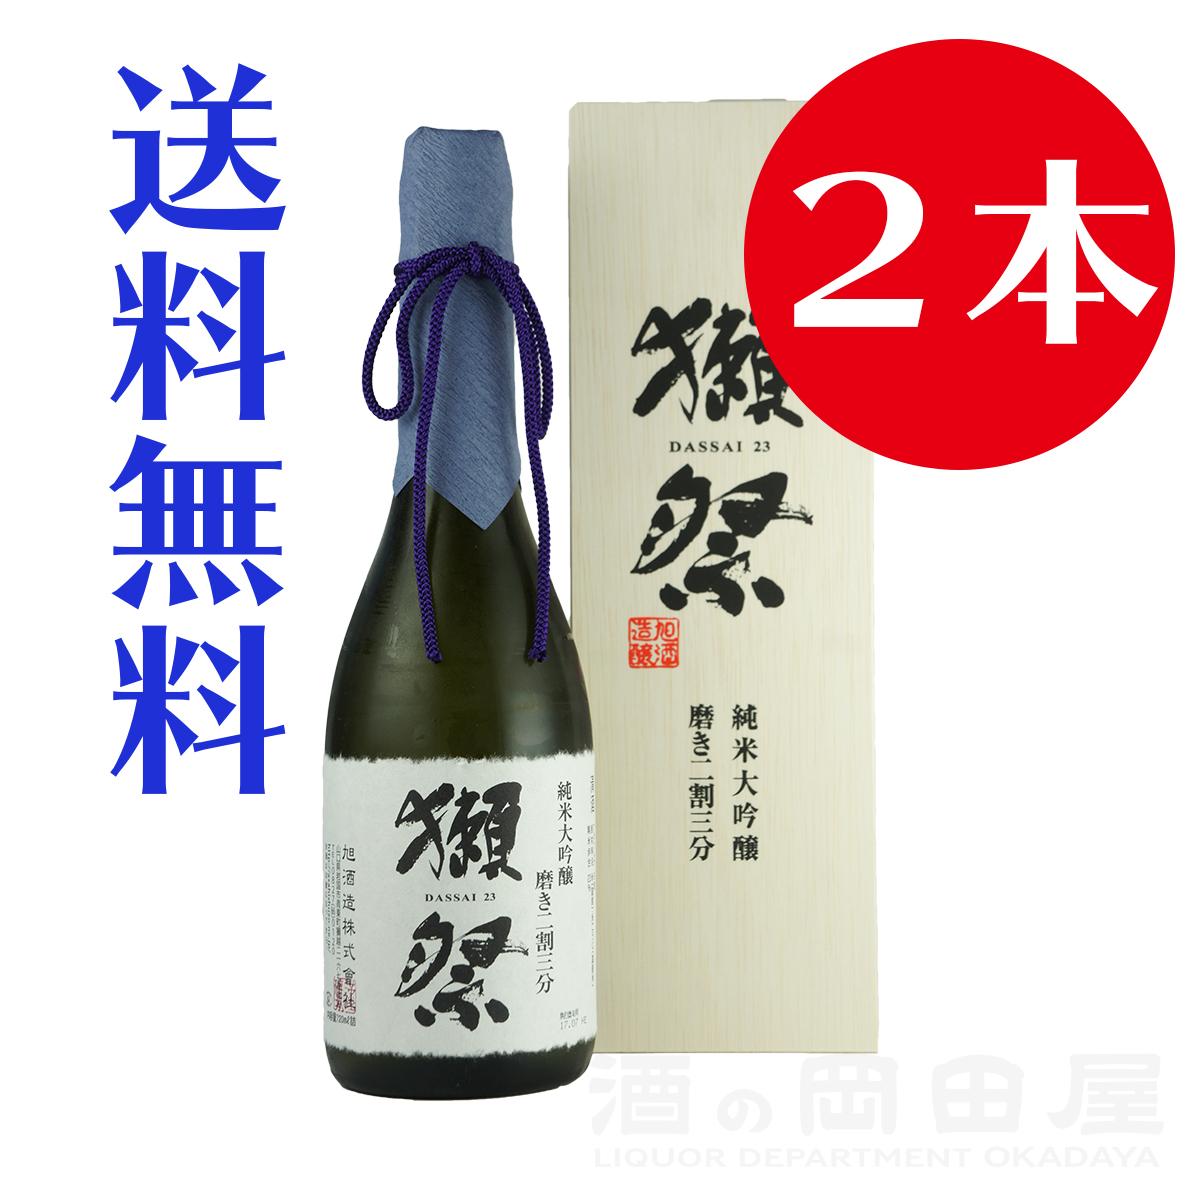 獺祭 だっさい 純米大吟醸 磨き 二割三分 720ml 桐箱入り 2本山口県 旭酒造 日本酒 地酒 ギフト